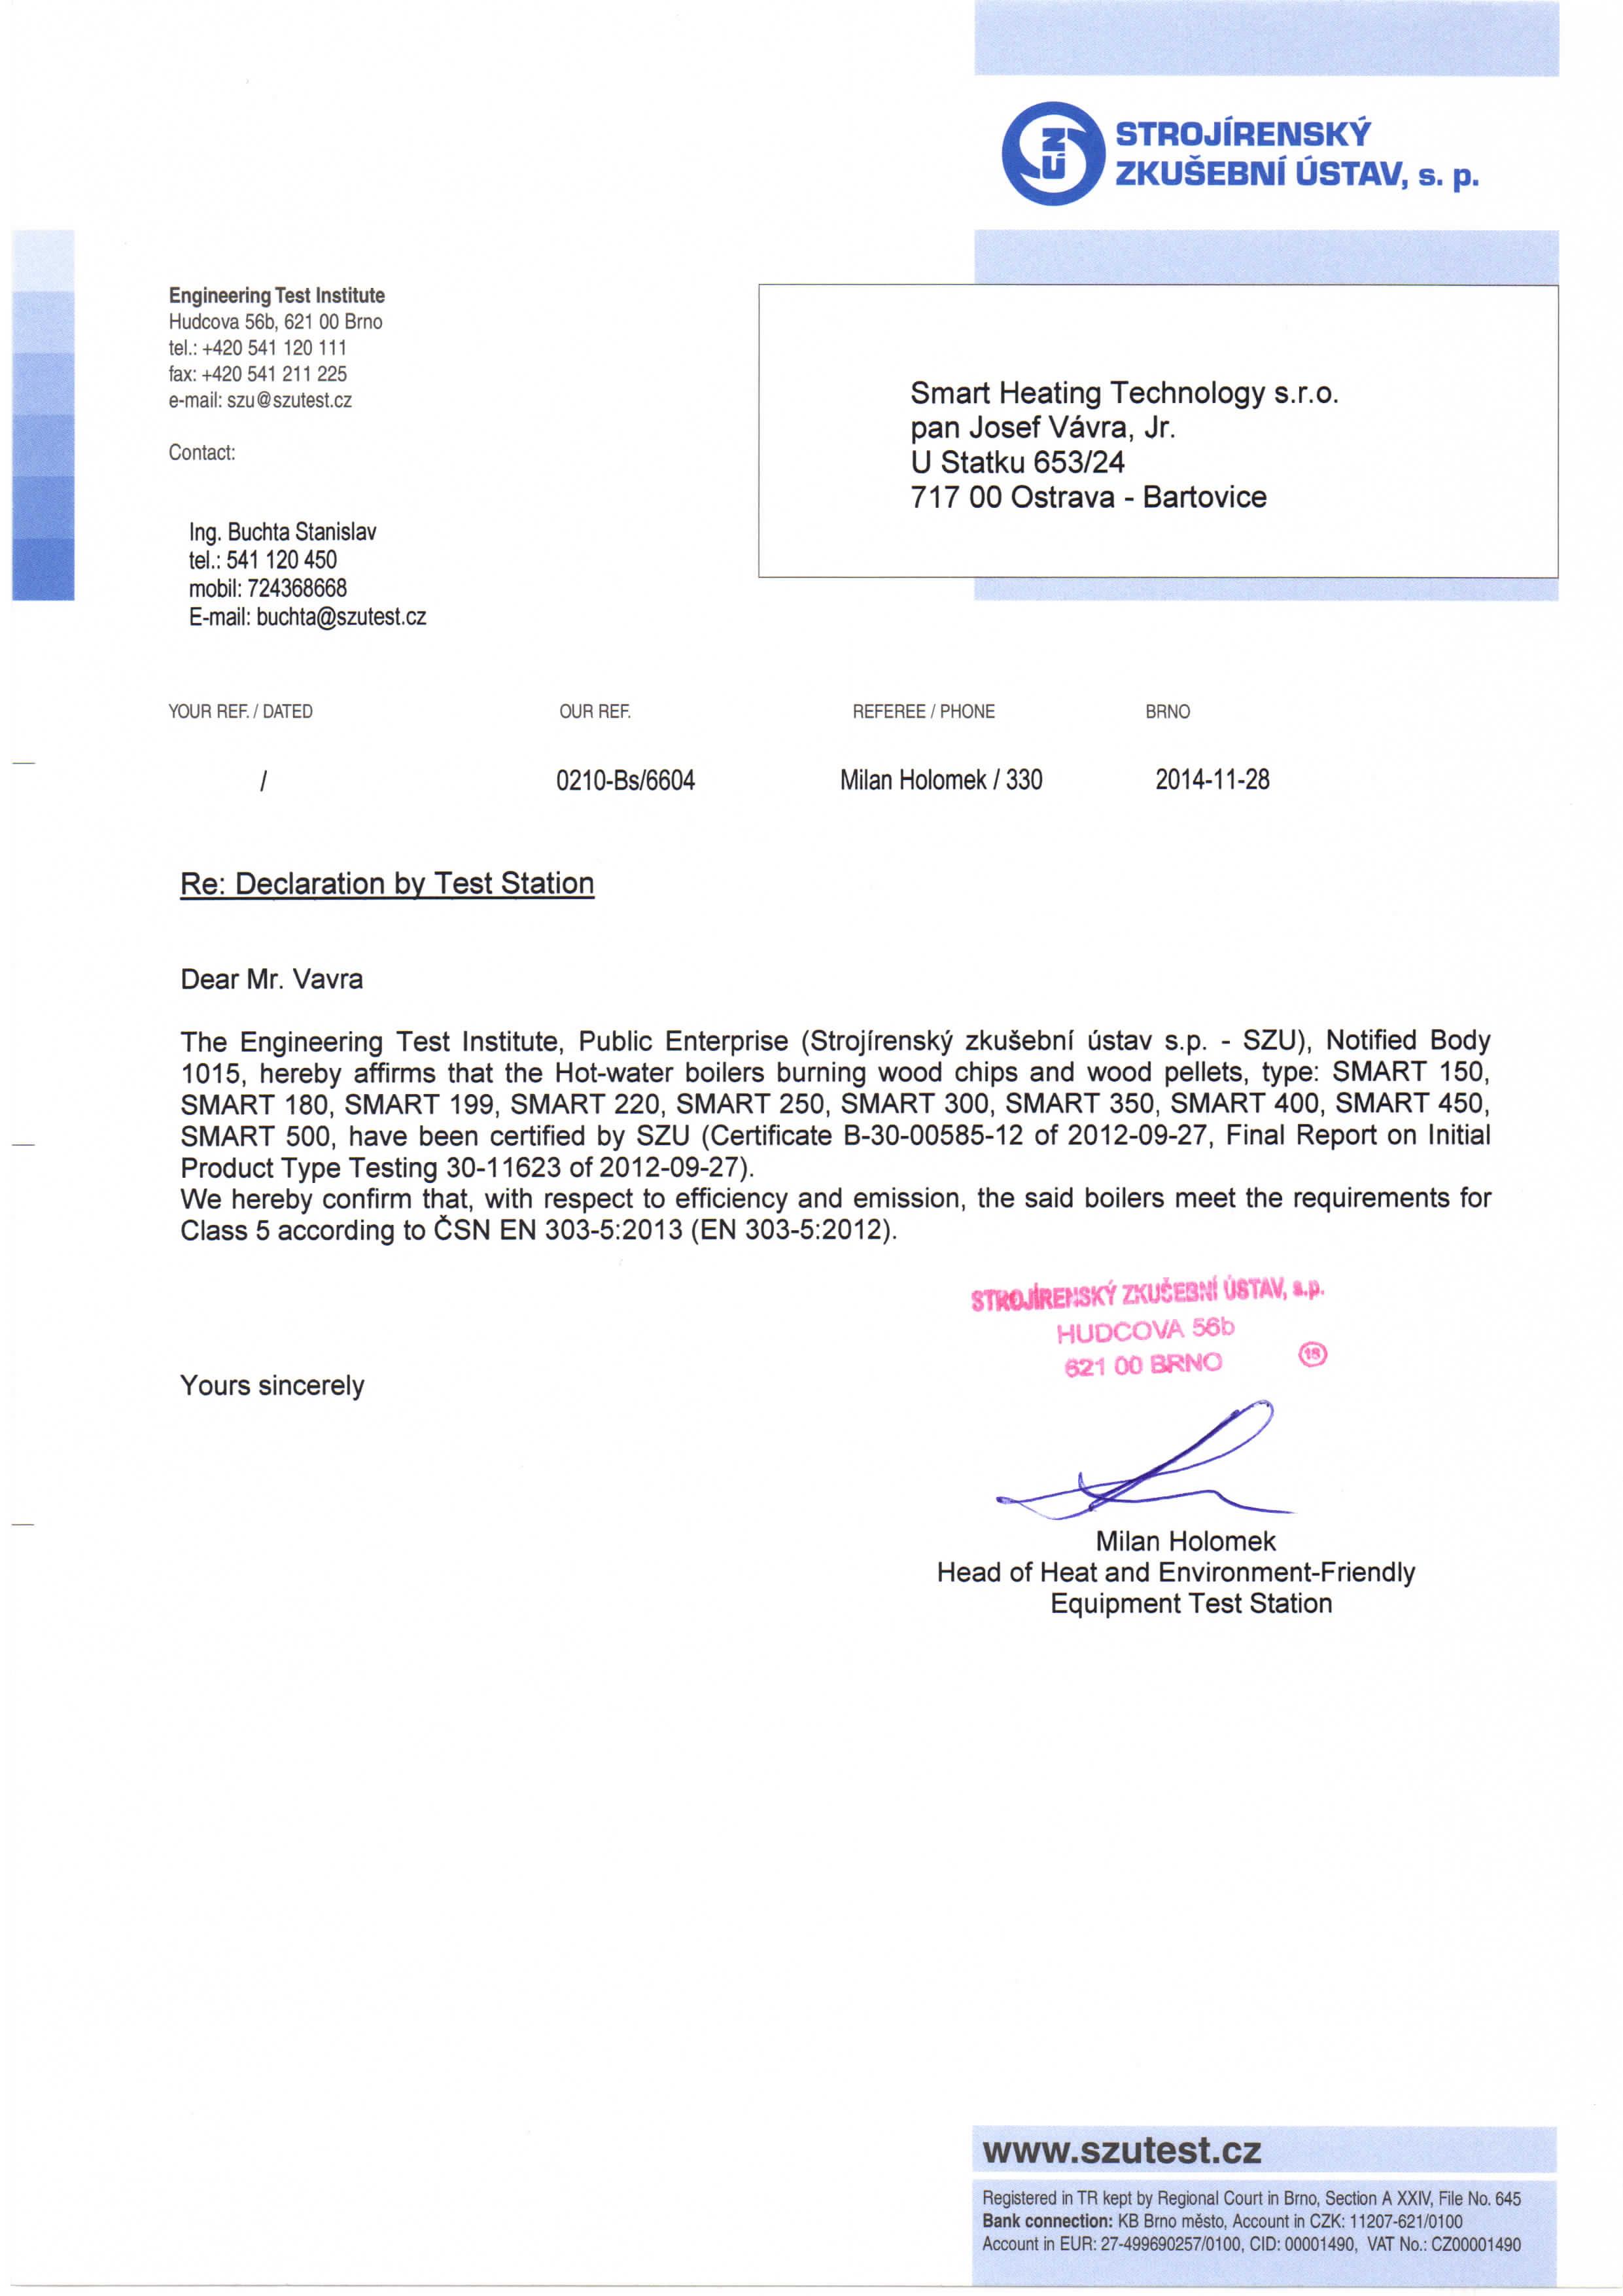 certificates-class-5_eng